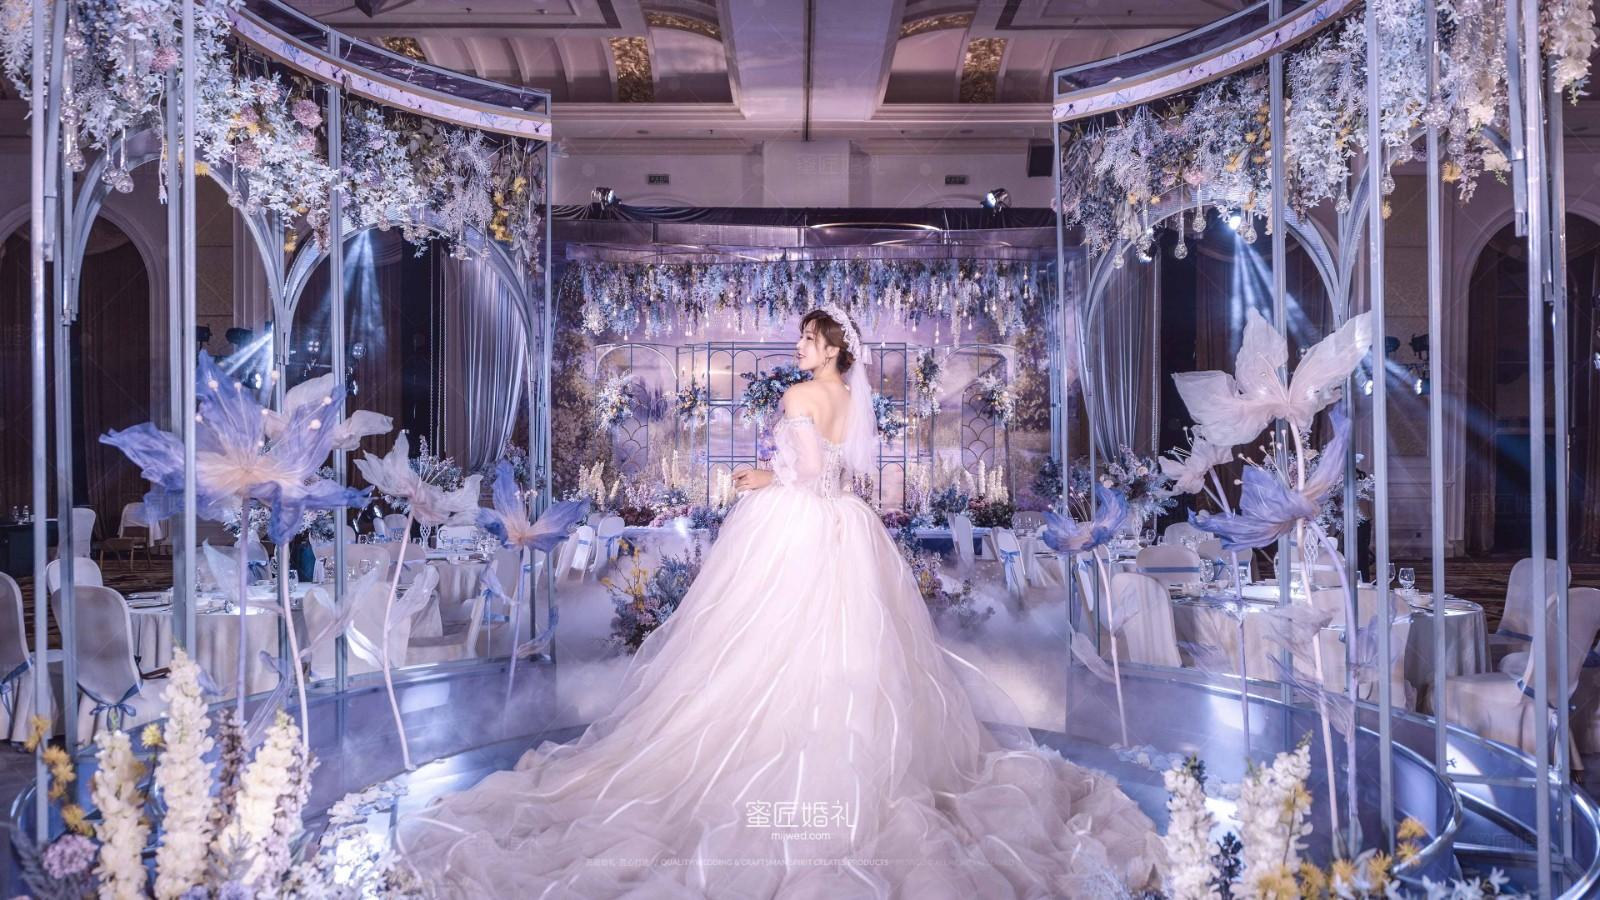 室内婚礼现场布置效果图